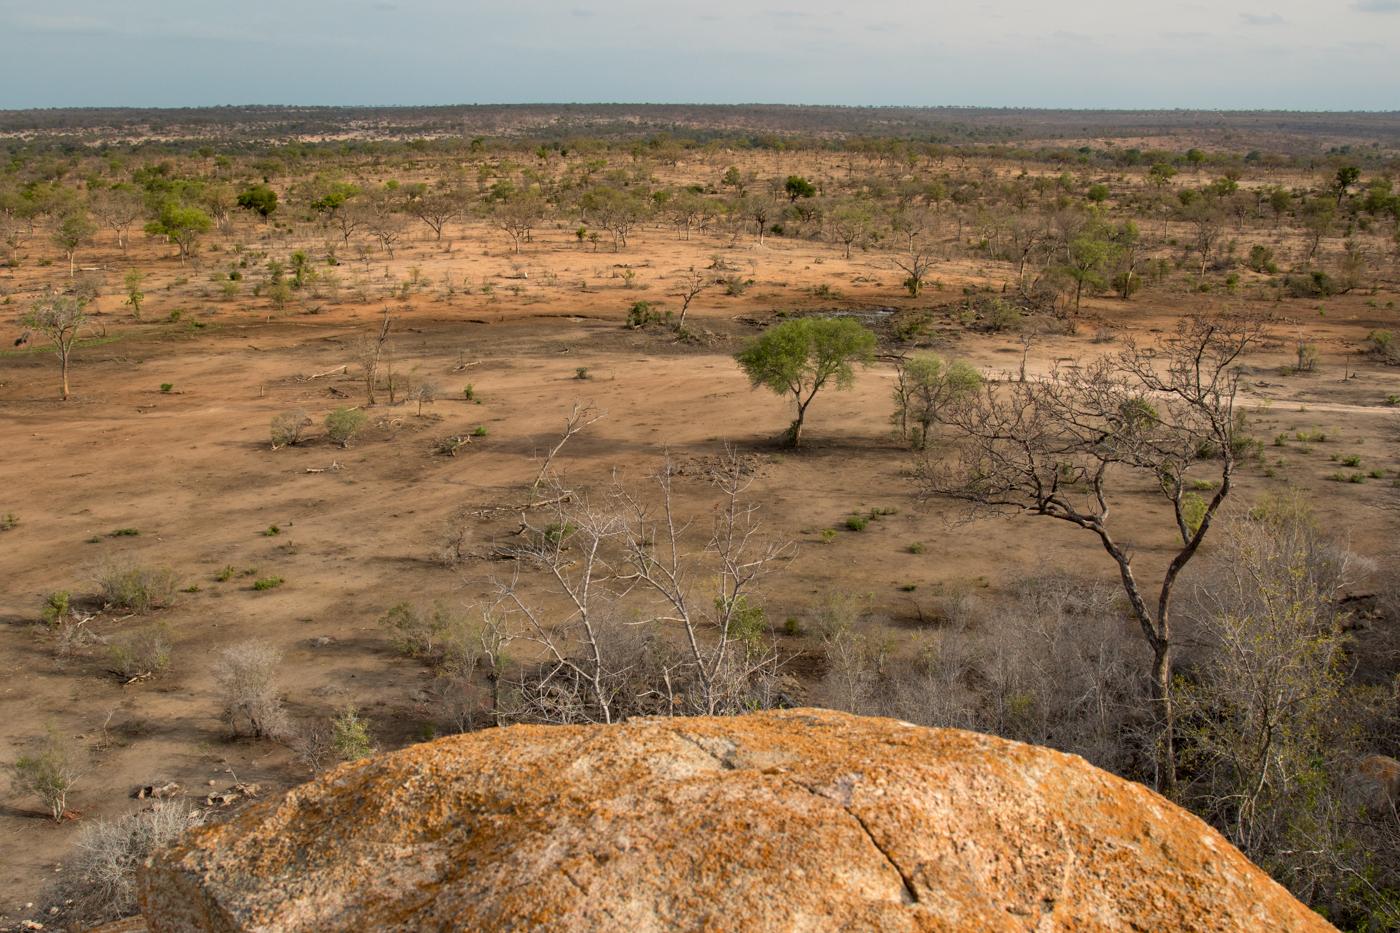 Ximpalapala Koppie, drought